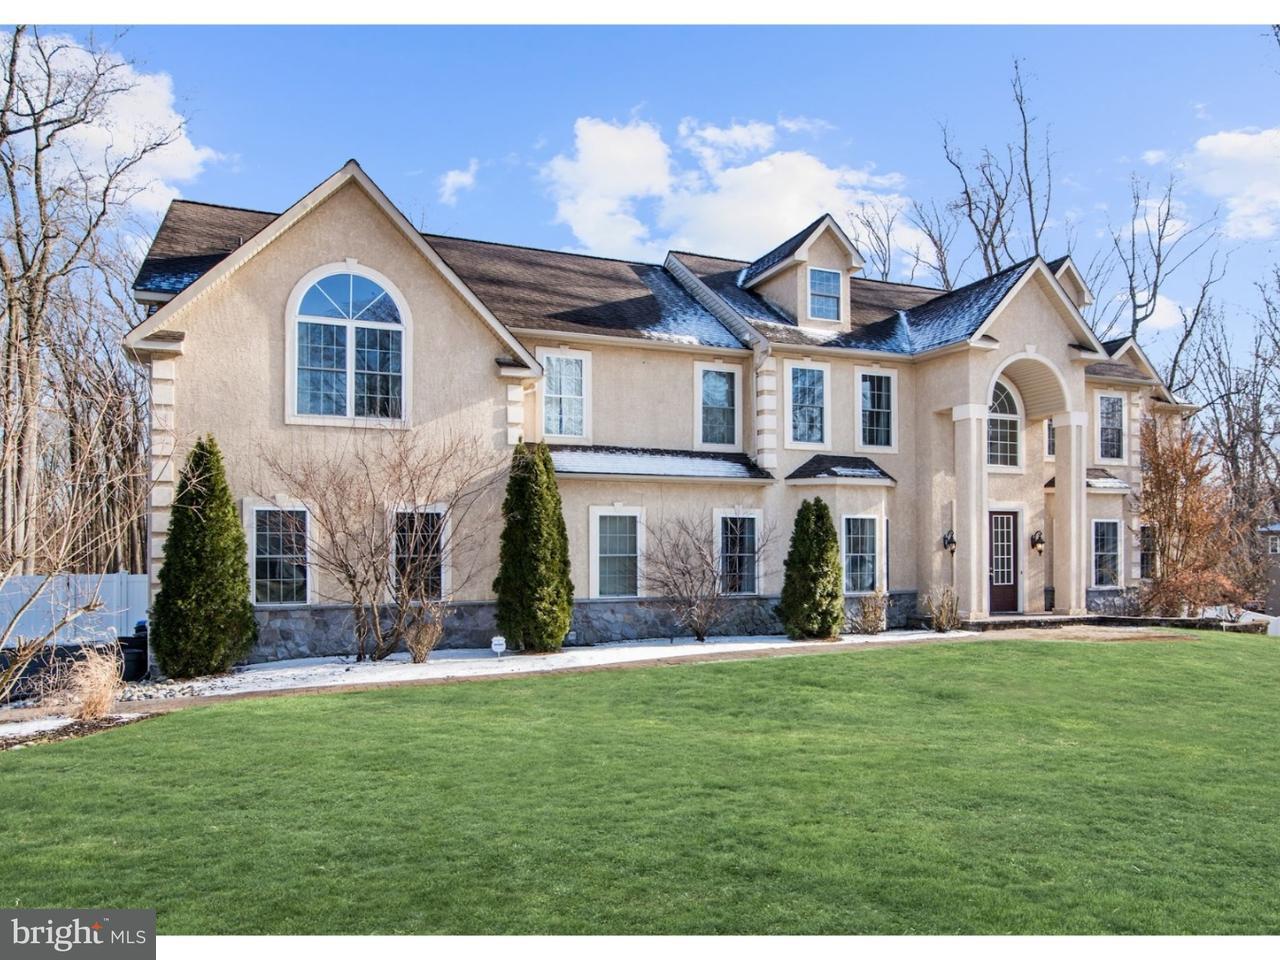 Maison unifamiliale pour l Vente à 127 ERICA Court Swedesboro, New Jersey 08085 États-Unis